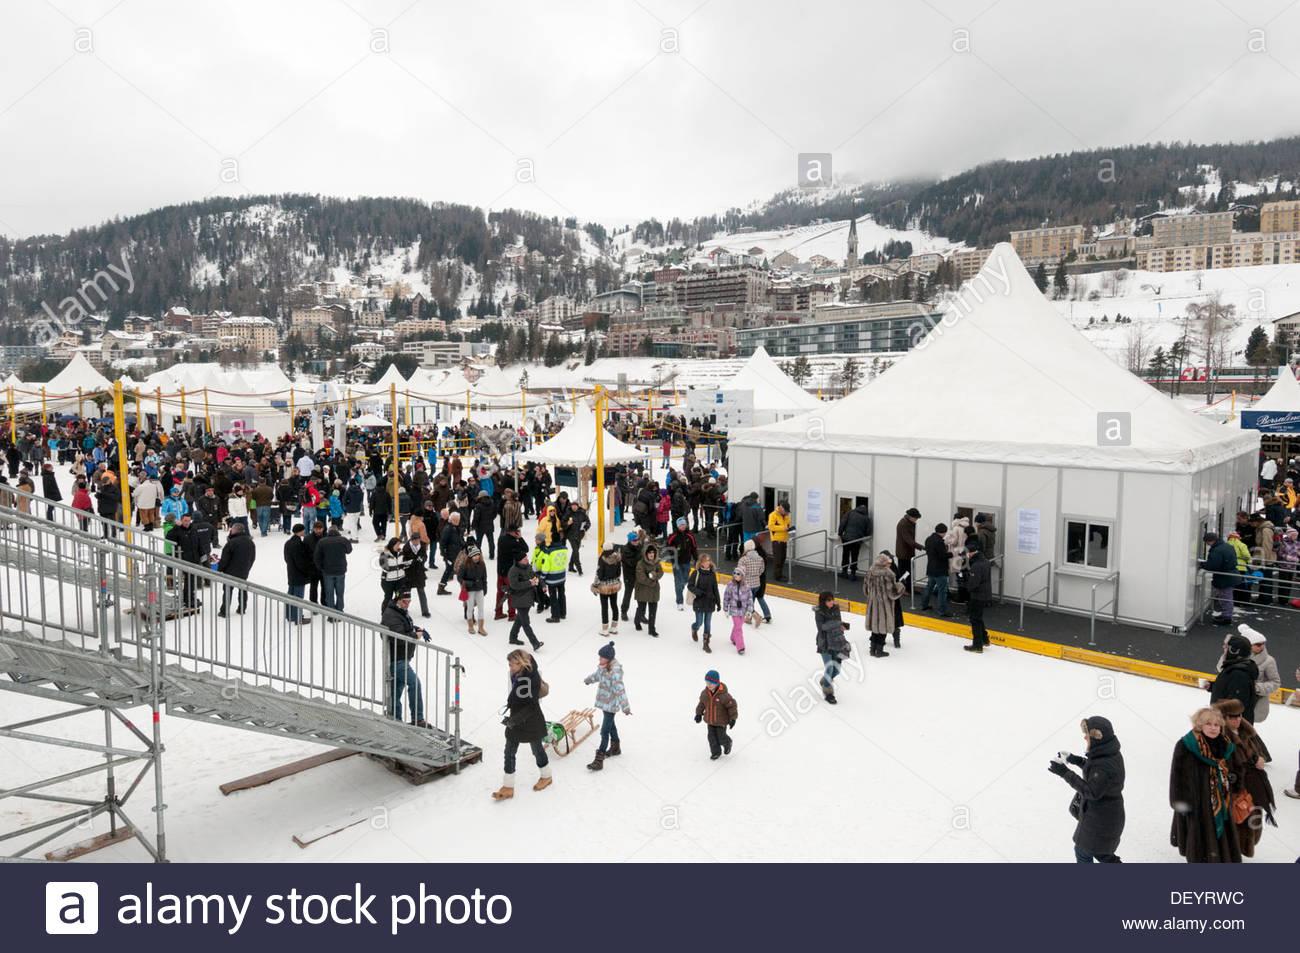 St. Moritz: punters crowd, 'White Turf', frozen lake - Stock Image